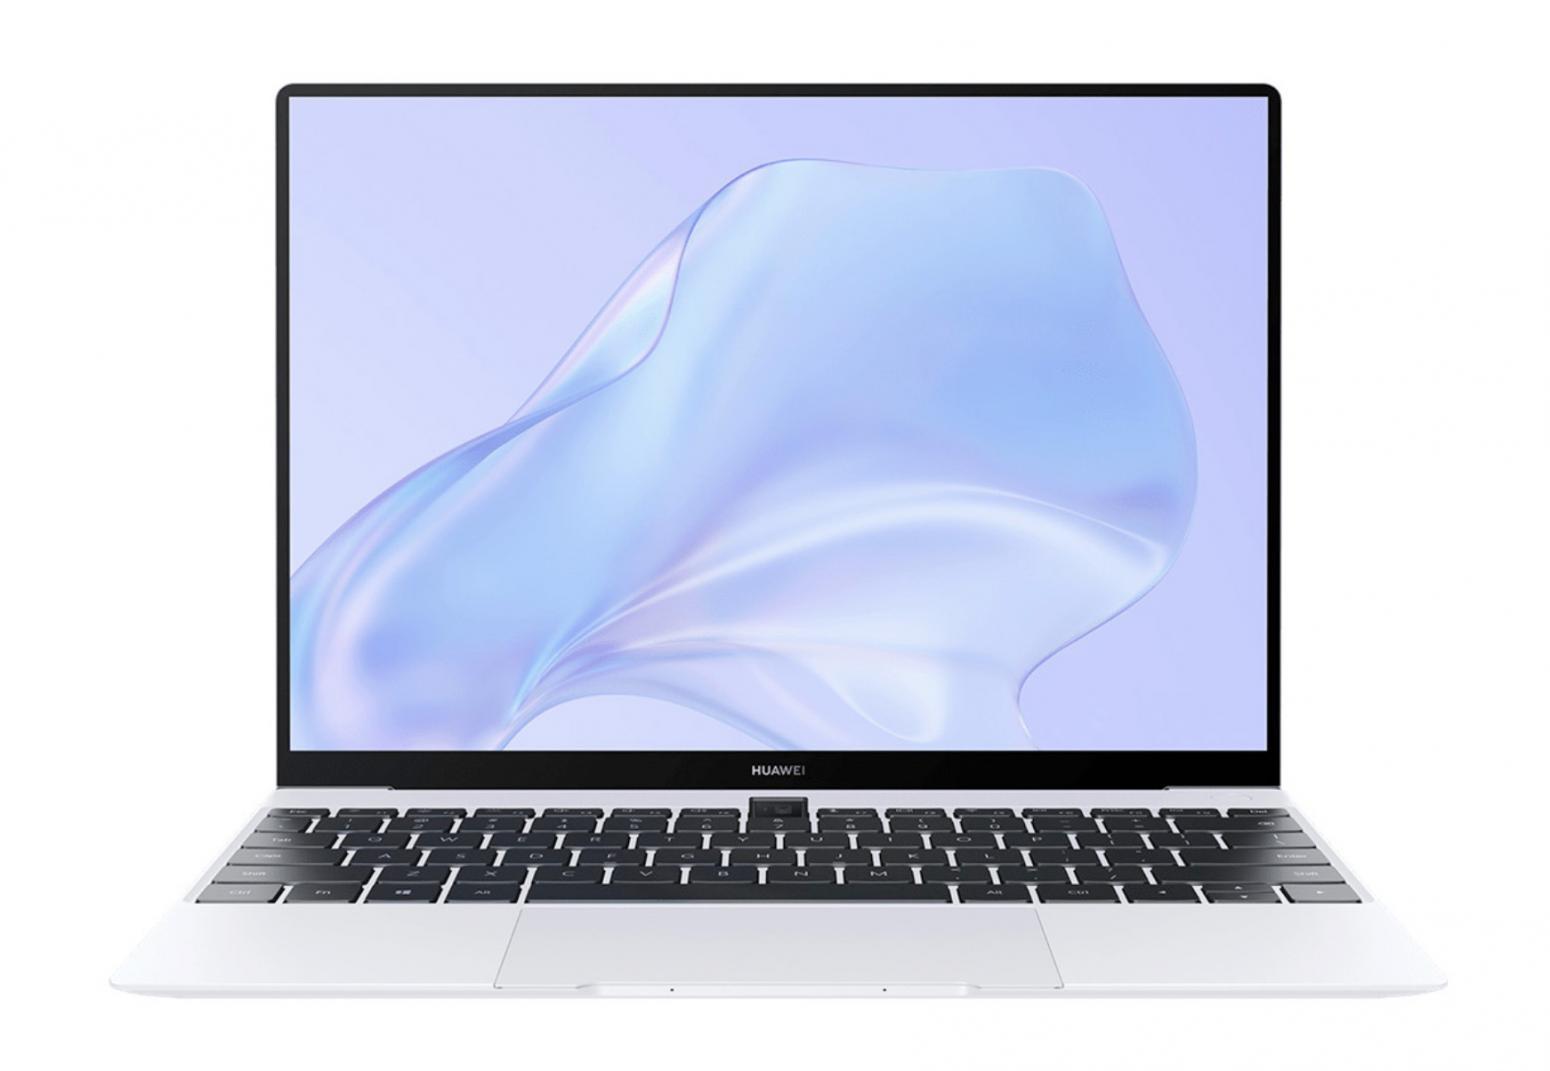 Image du PC portable Huawei MateBook X 13 Argent - Tactile, Core i5, 16 Go, 512 Go